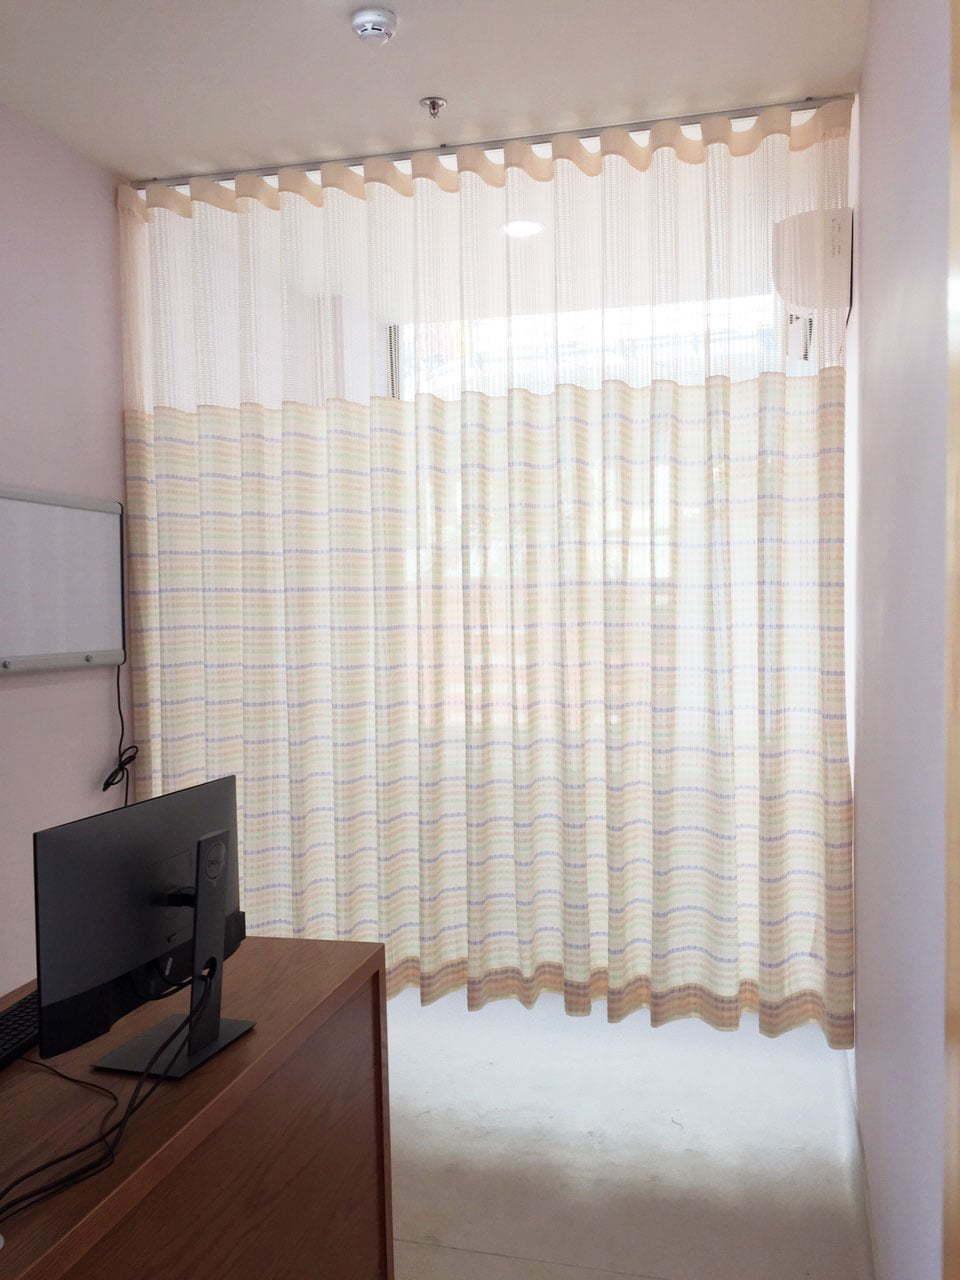 Rèm vải y tế kháng khuẩn họa tiết đơn giản HP20212 | Vinarem